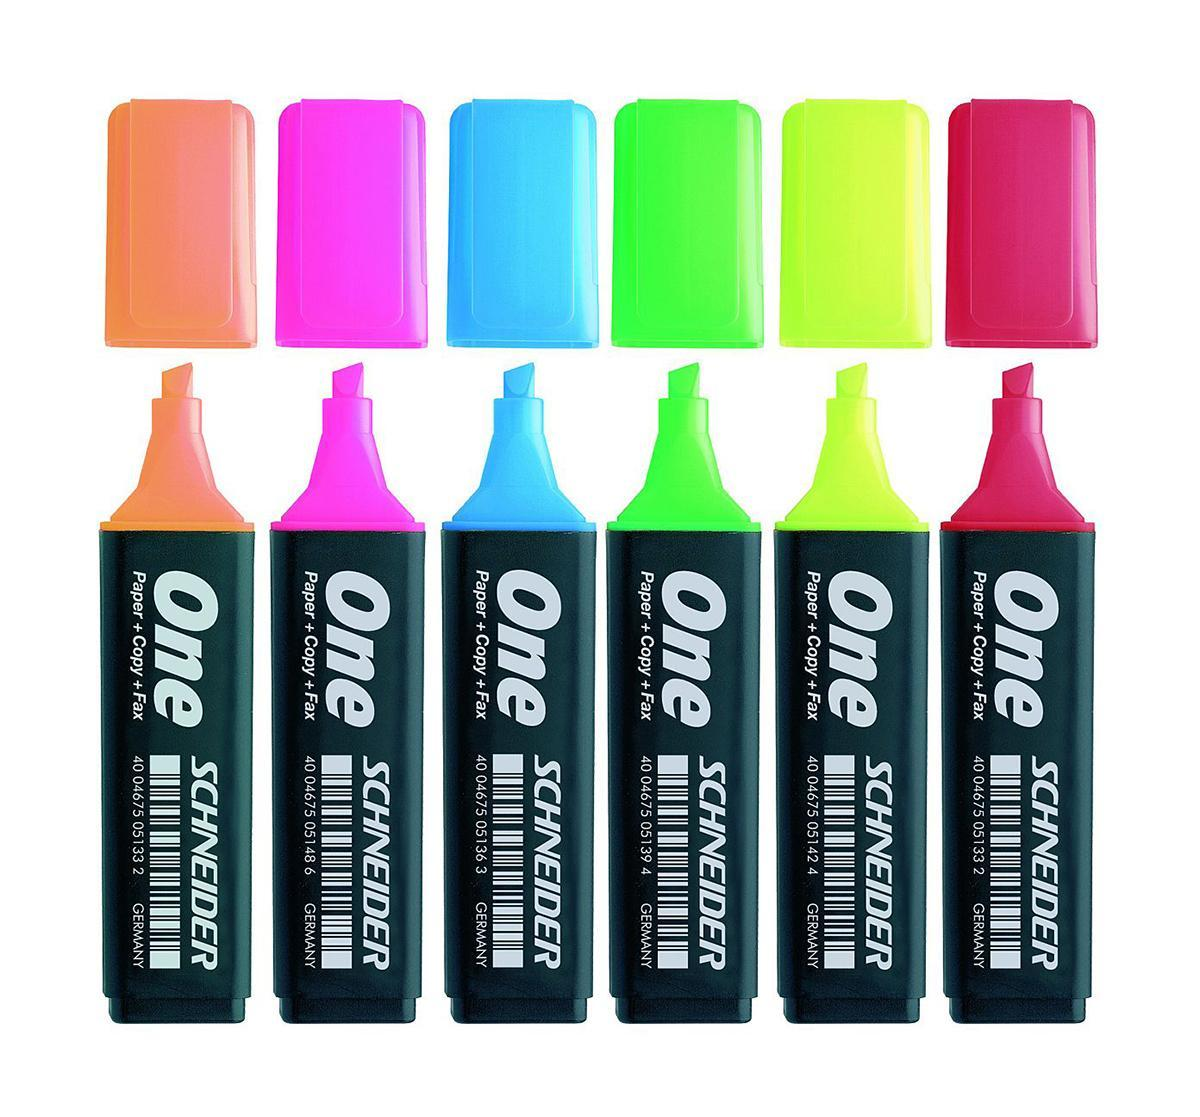 Набор текстмаркеров ONE, 1+5 мм, 6 шт., (желтый, оранжевый, розовый, зеленый, синий, красный).S15106